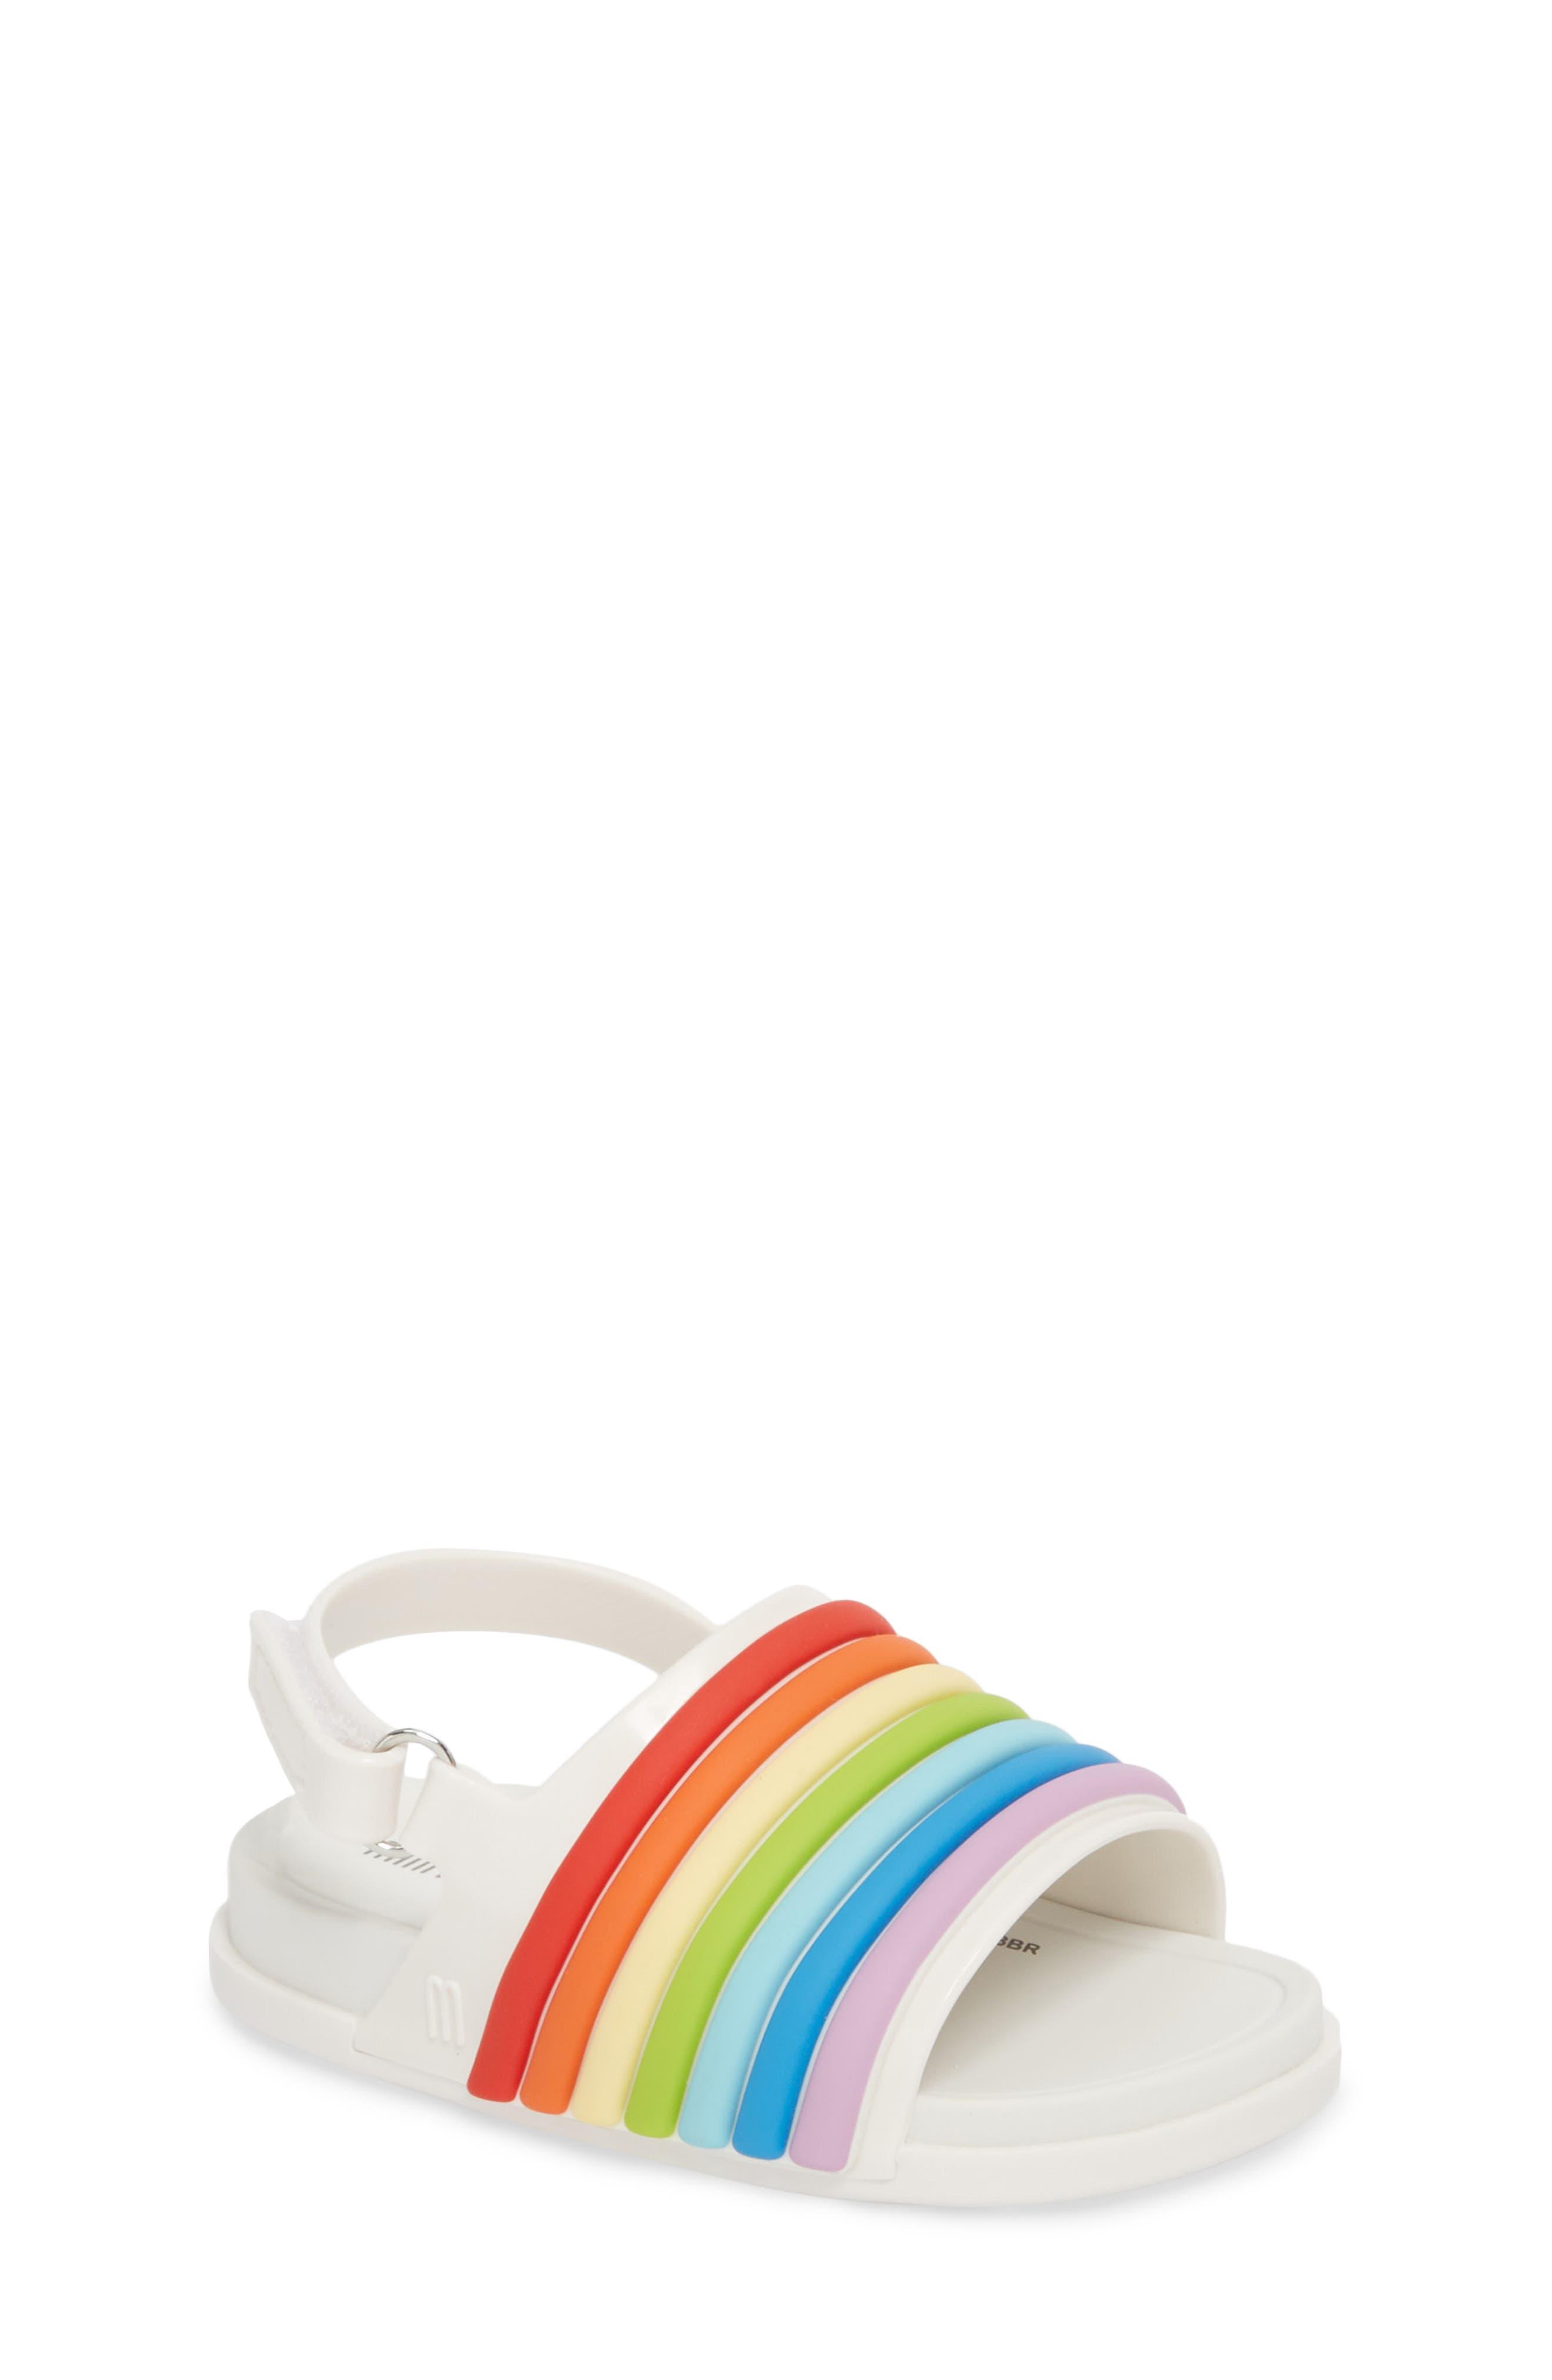 Rainbow Beach Sandal,                             Main thumbnail 1, color,                             100